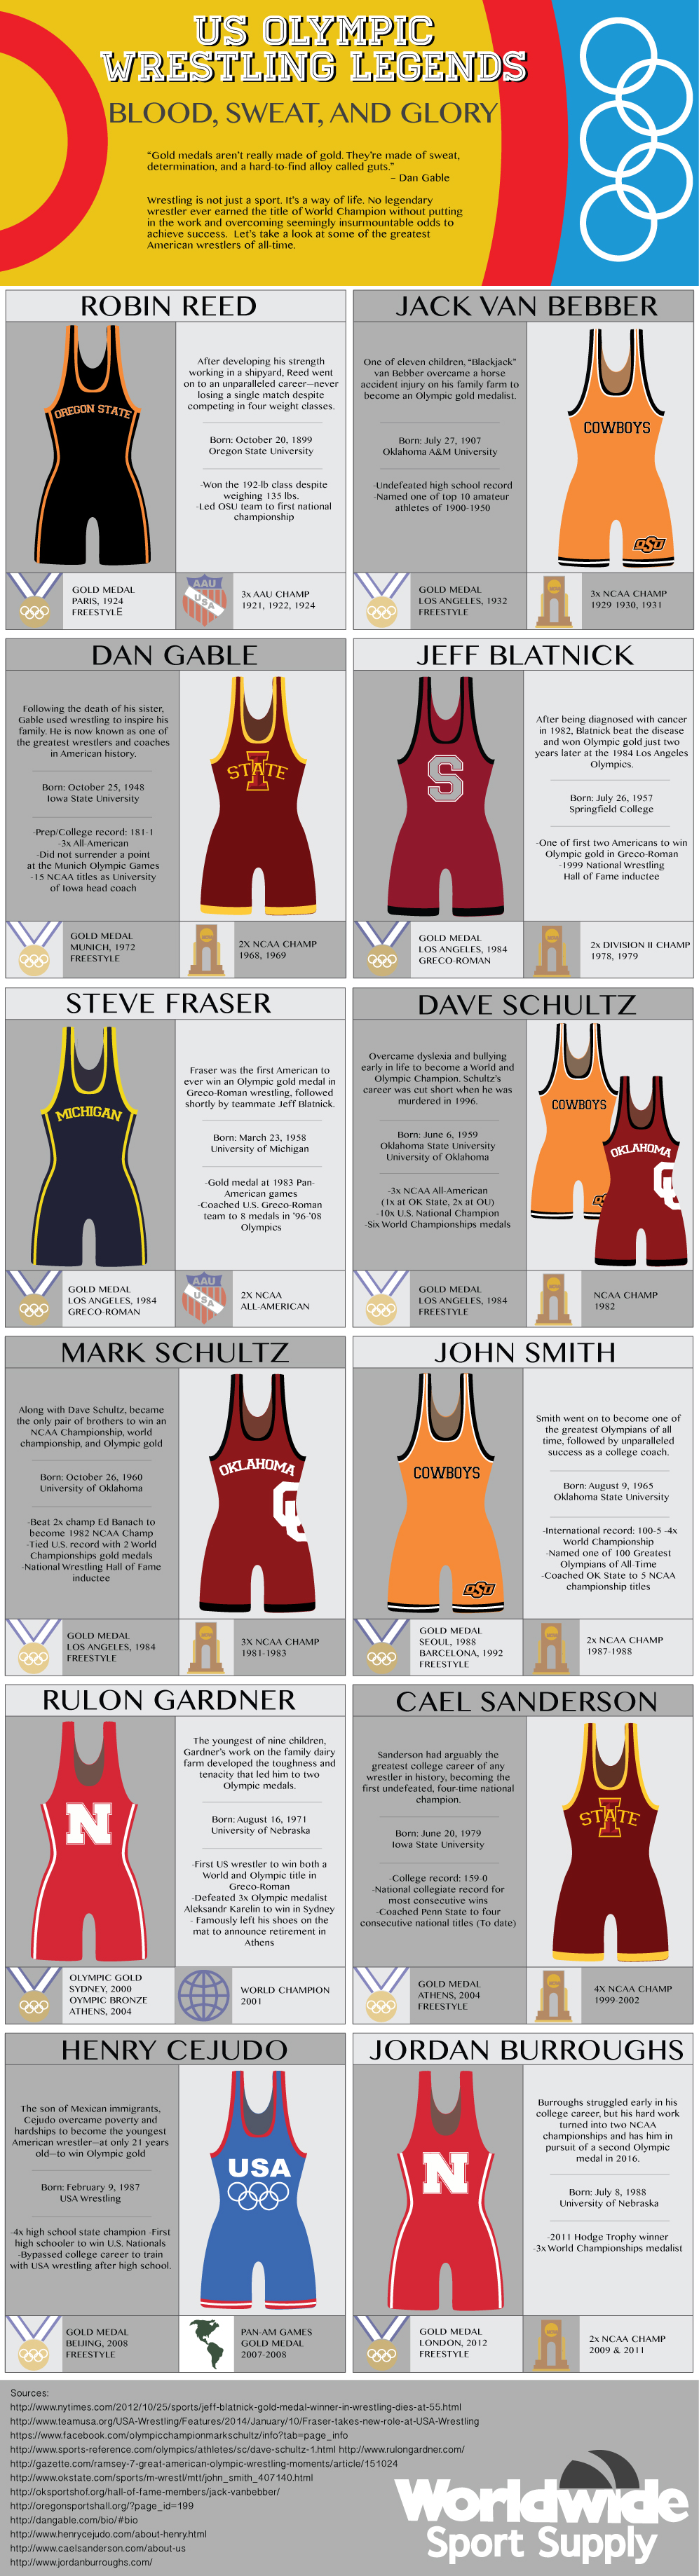 global-wrestling-legends